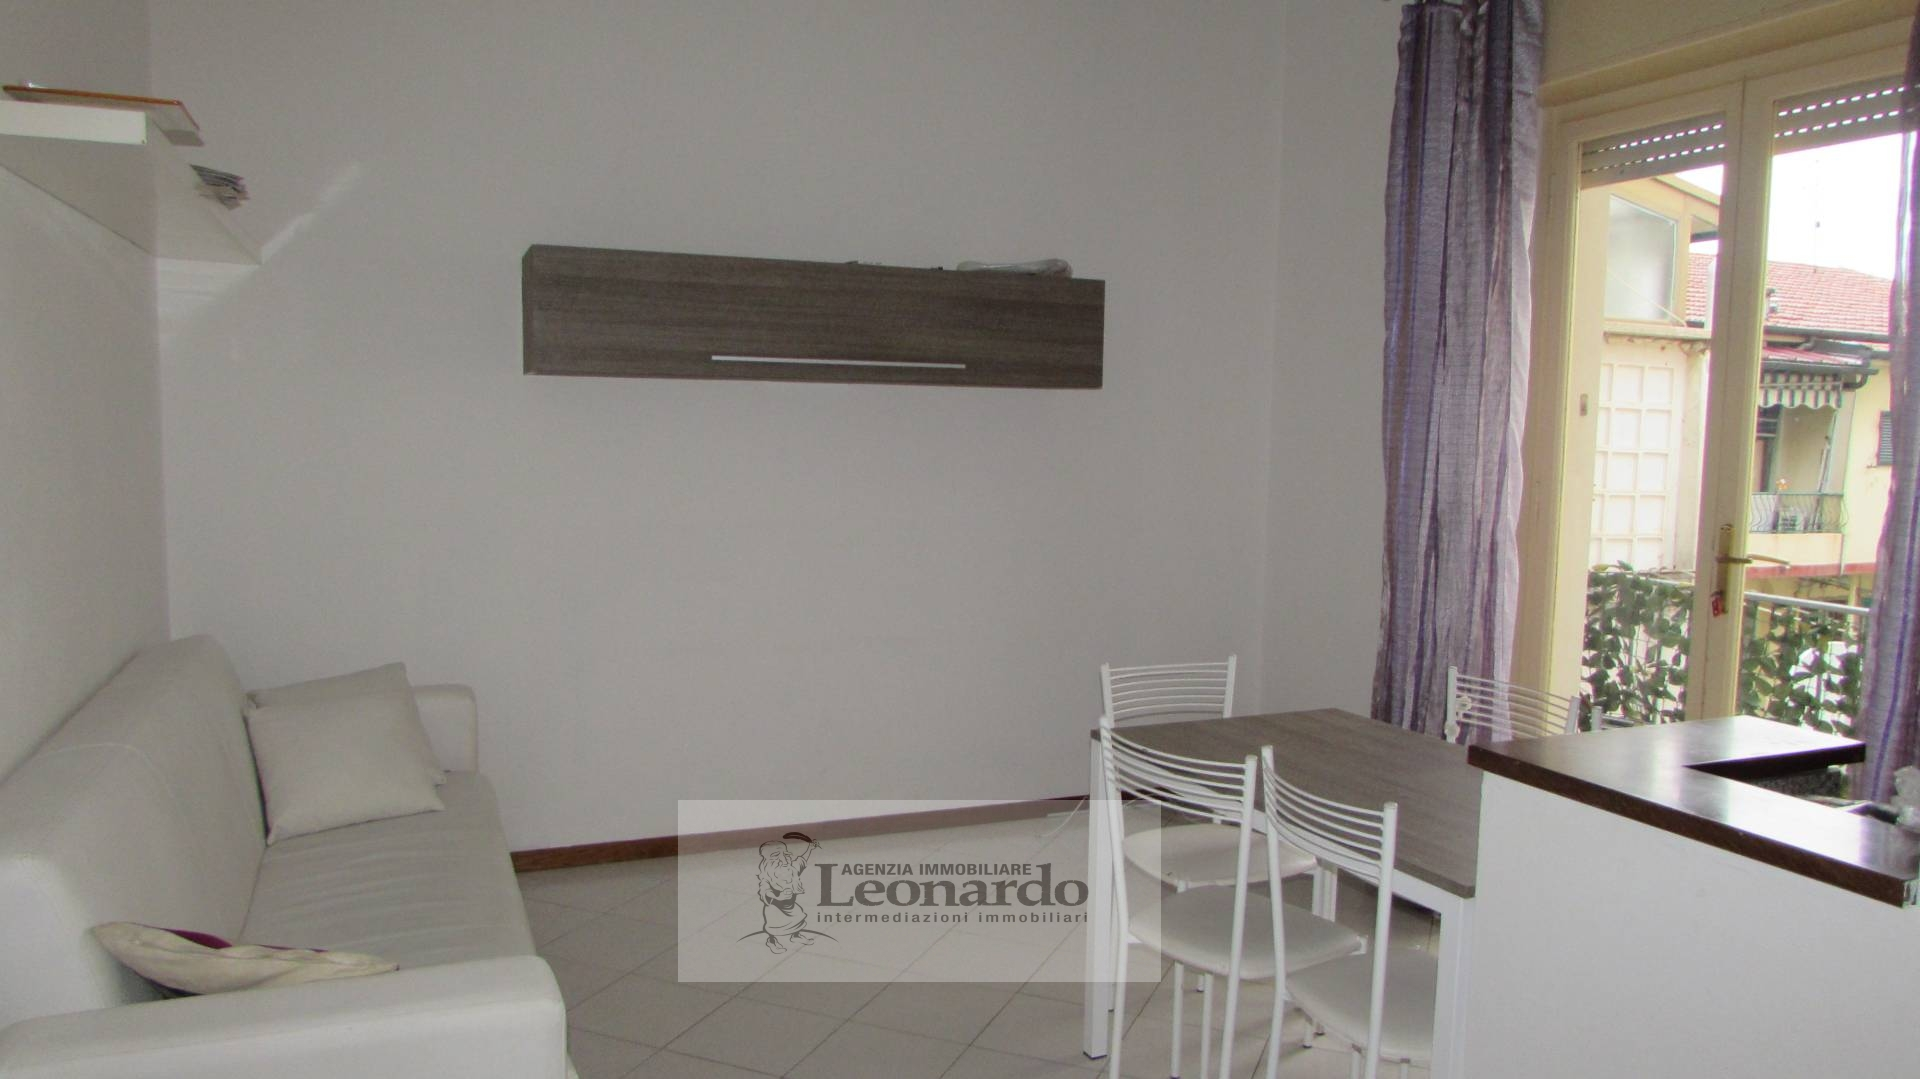 Appartamento in affitto a Viareggio, 5 locali, prezzo € 650 | Cambio Casa.it